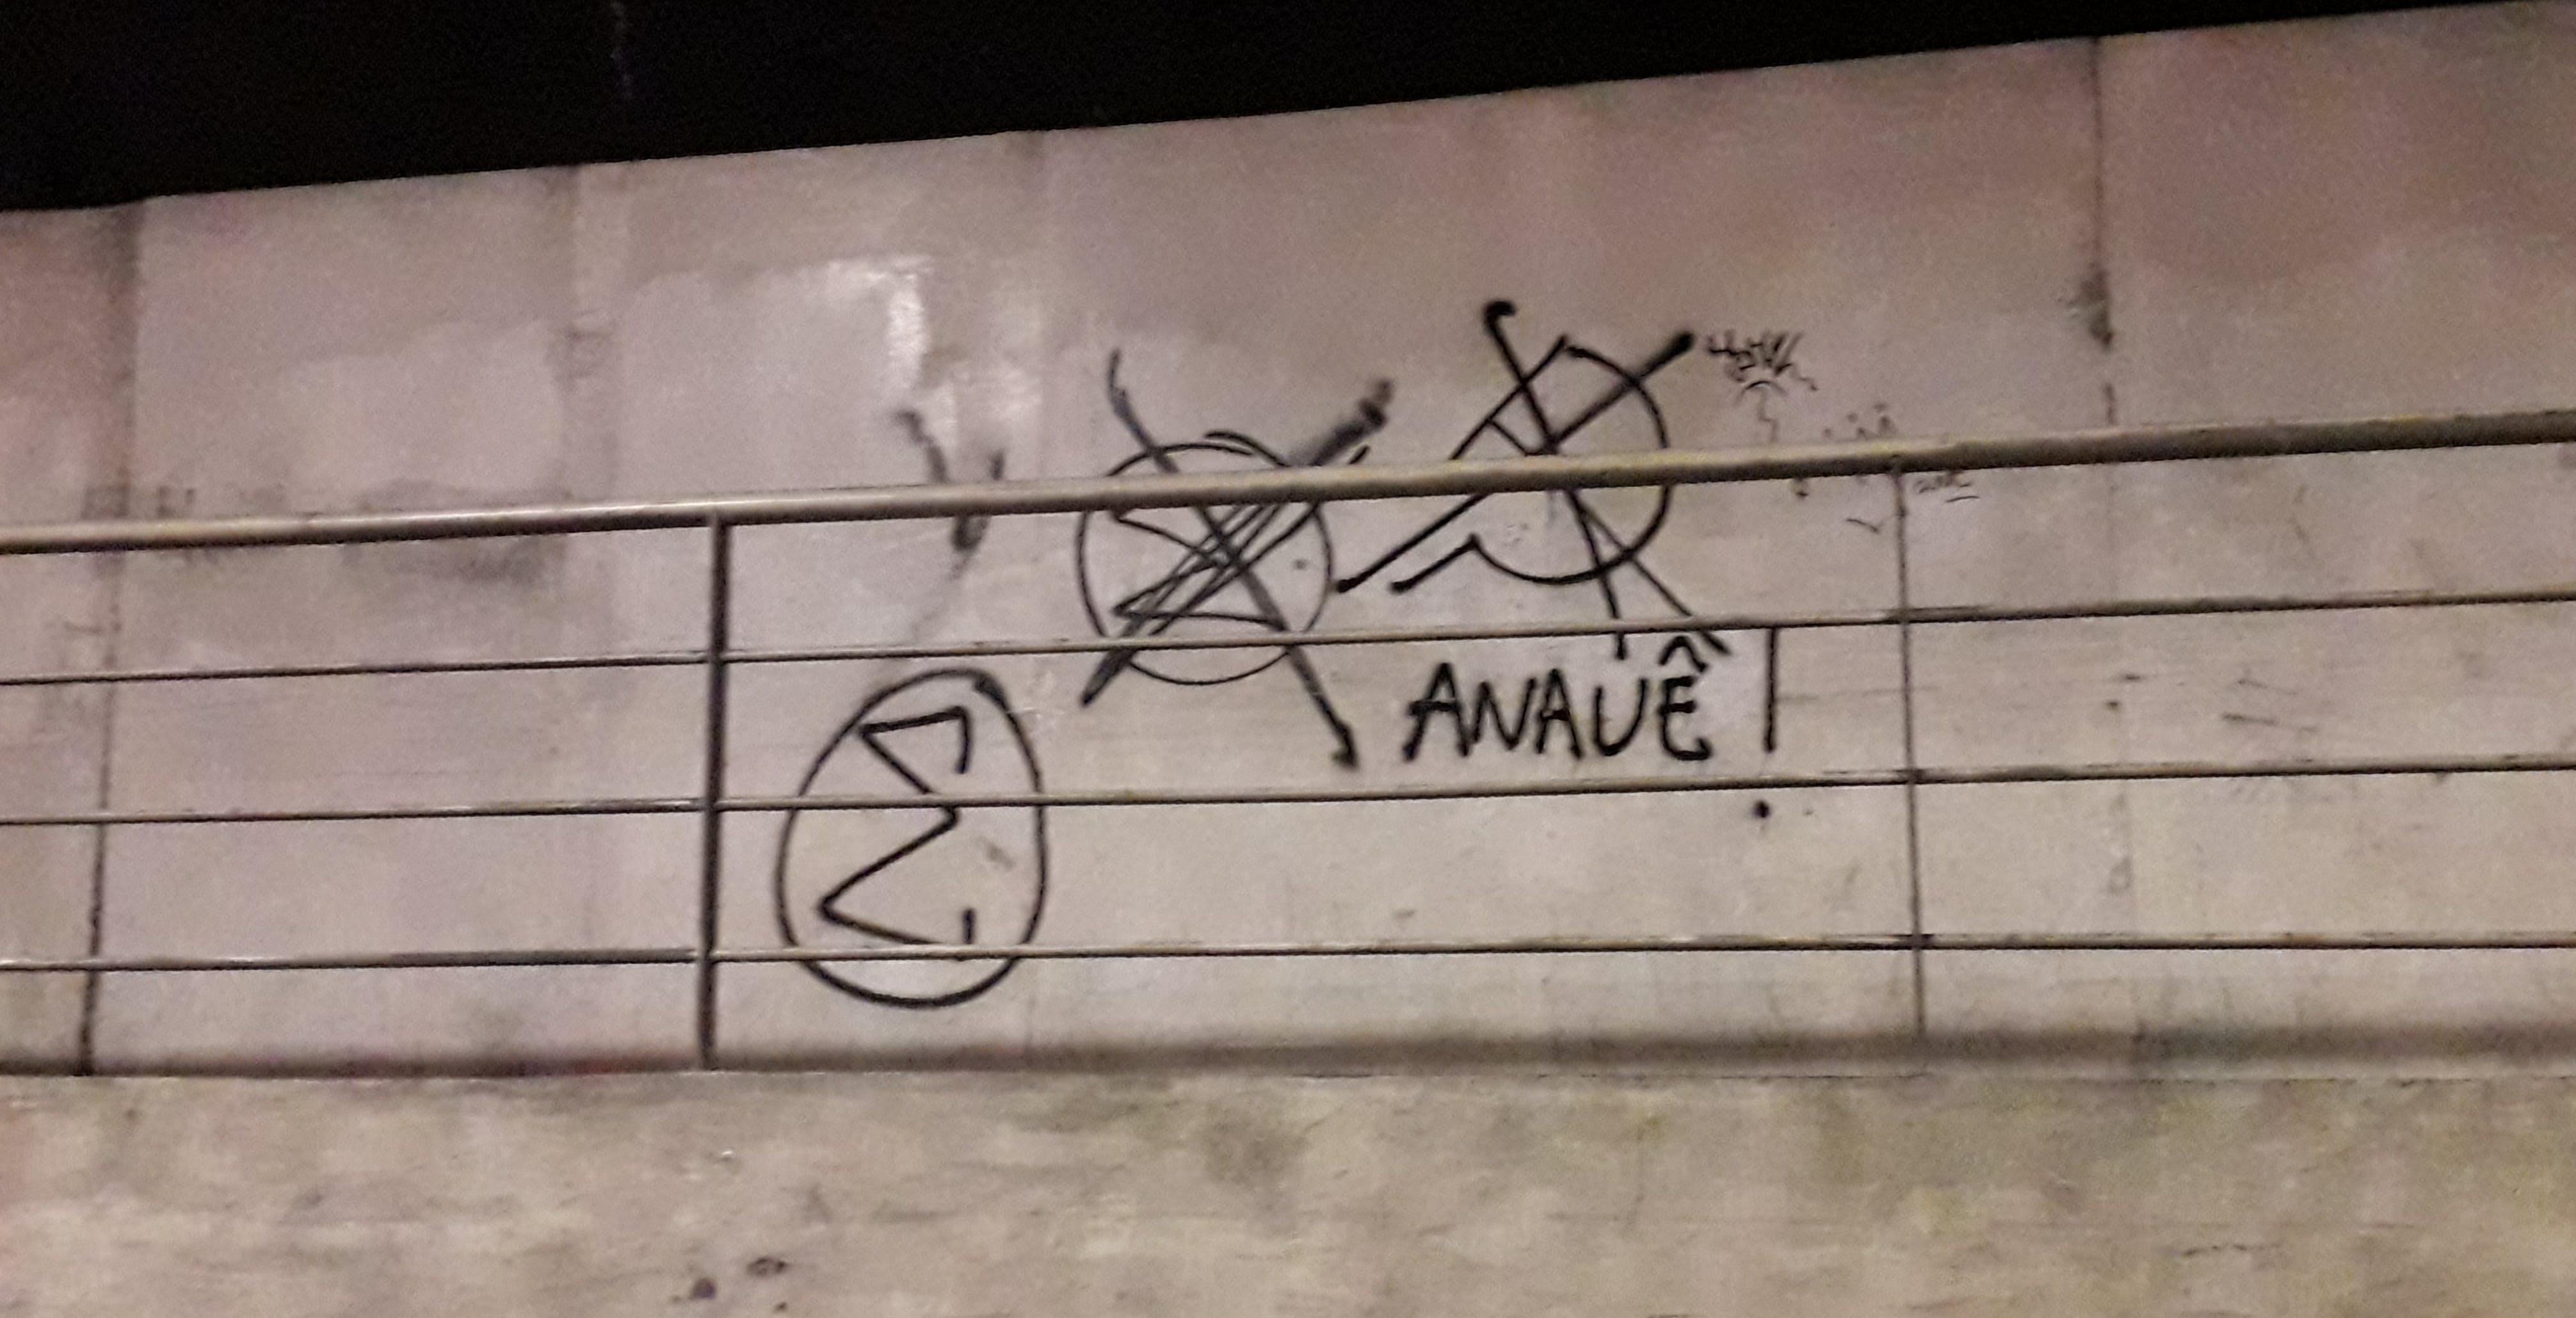 """No túnel Martim de Sá, no Rio, pichação com o símbolo (sigma) e a saudação (""""anauê"""") da Ação Integralista Brasileira, organização de extrema-direita dos anos 1930."""